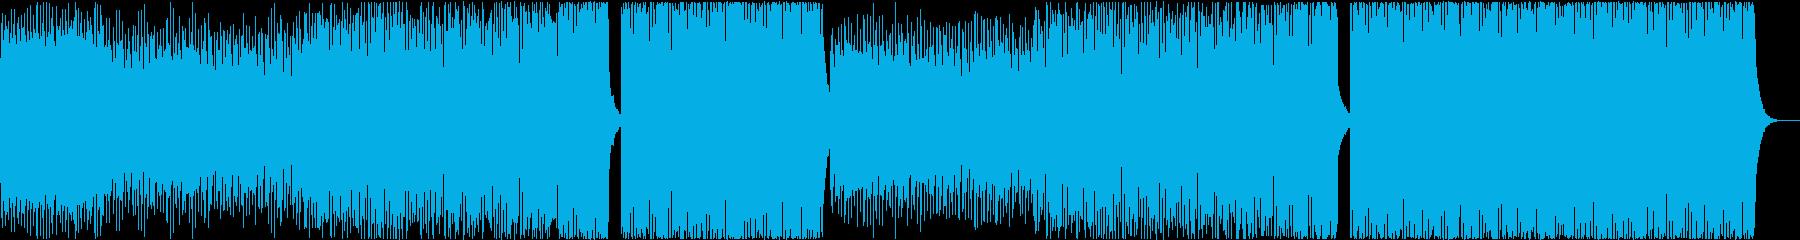 別れ、切ない、シンセ音、4つ打ちの曲の再生済みの波形